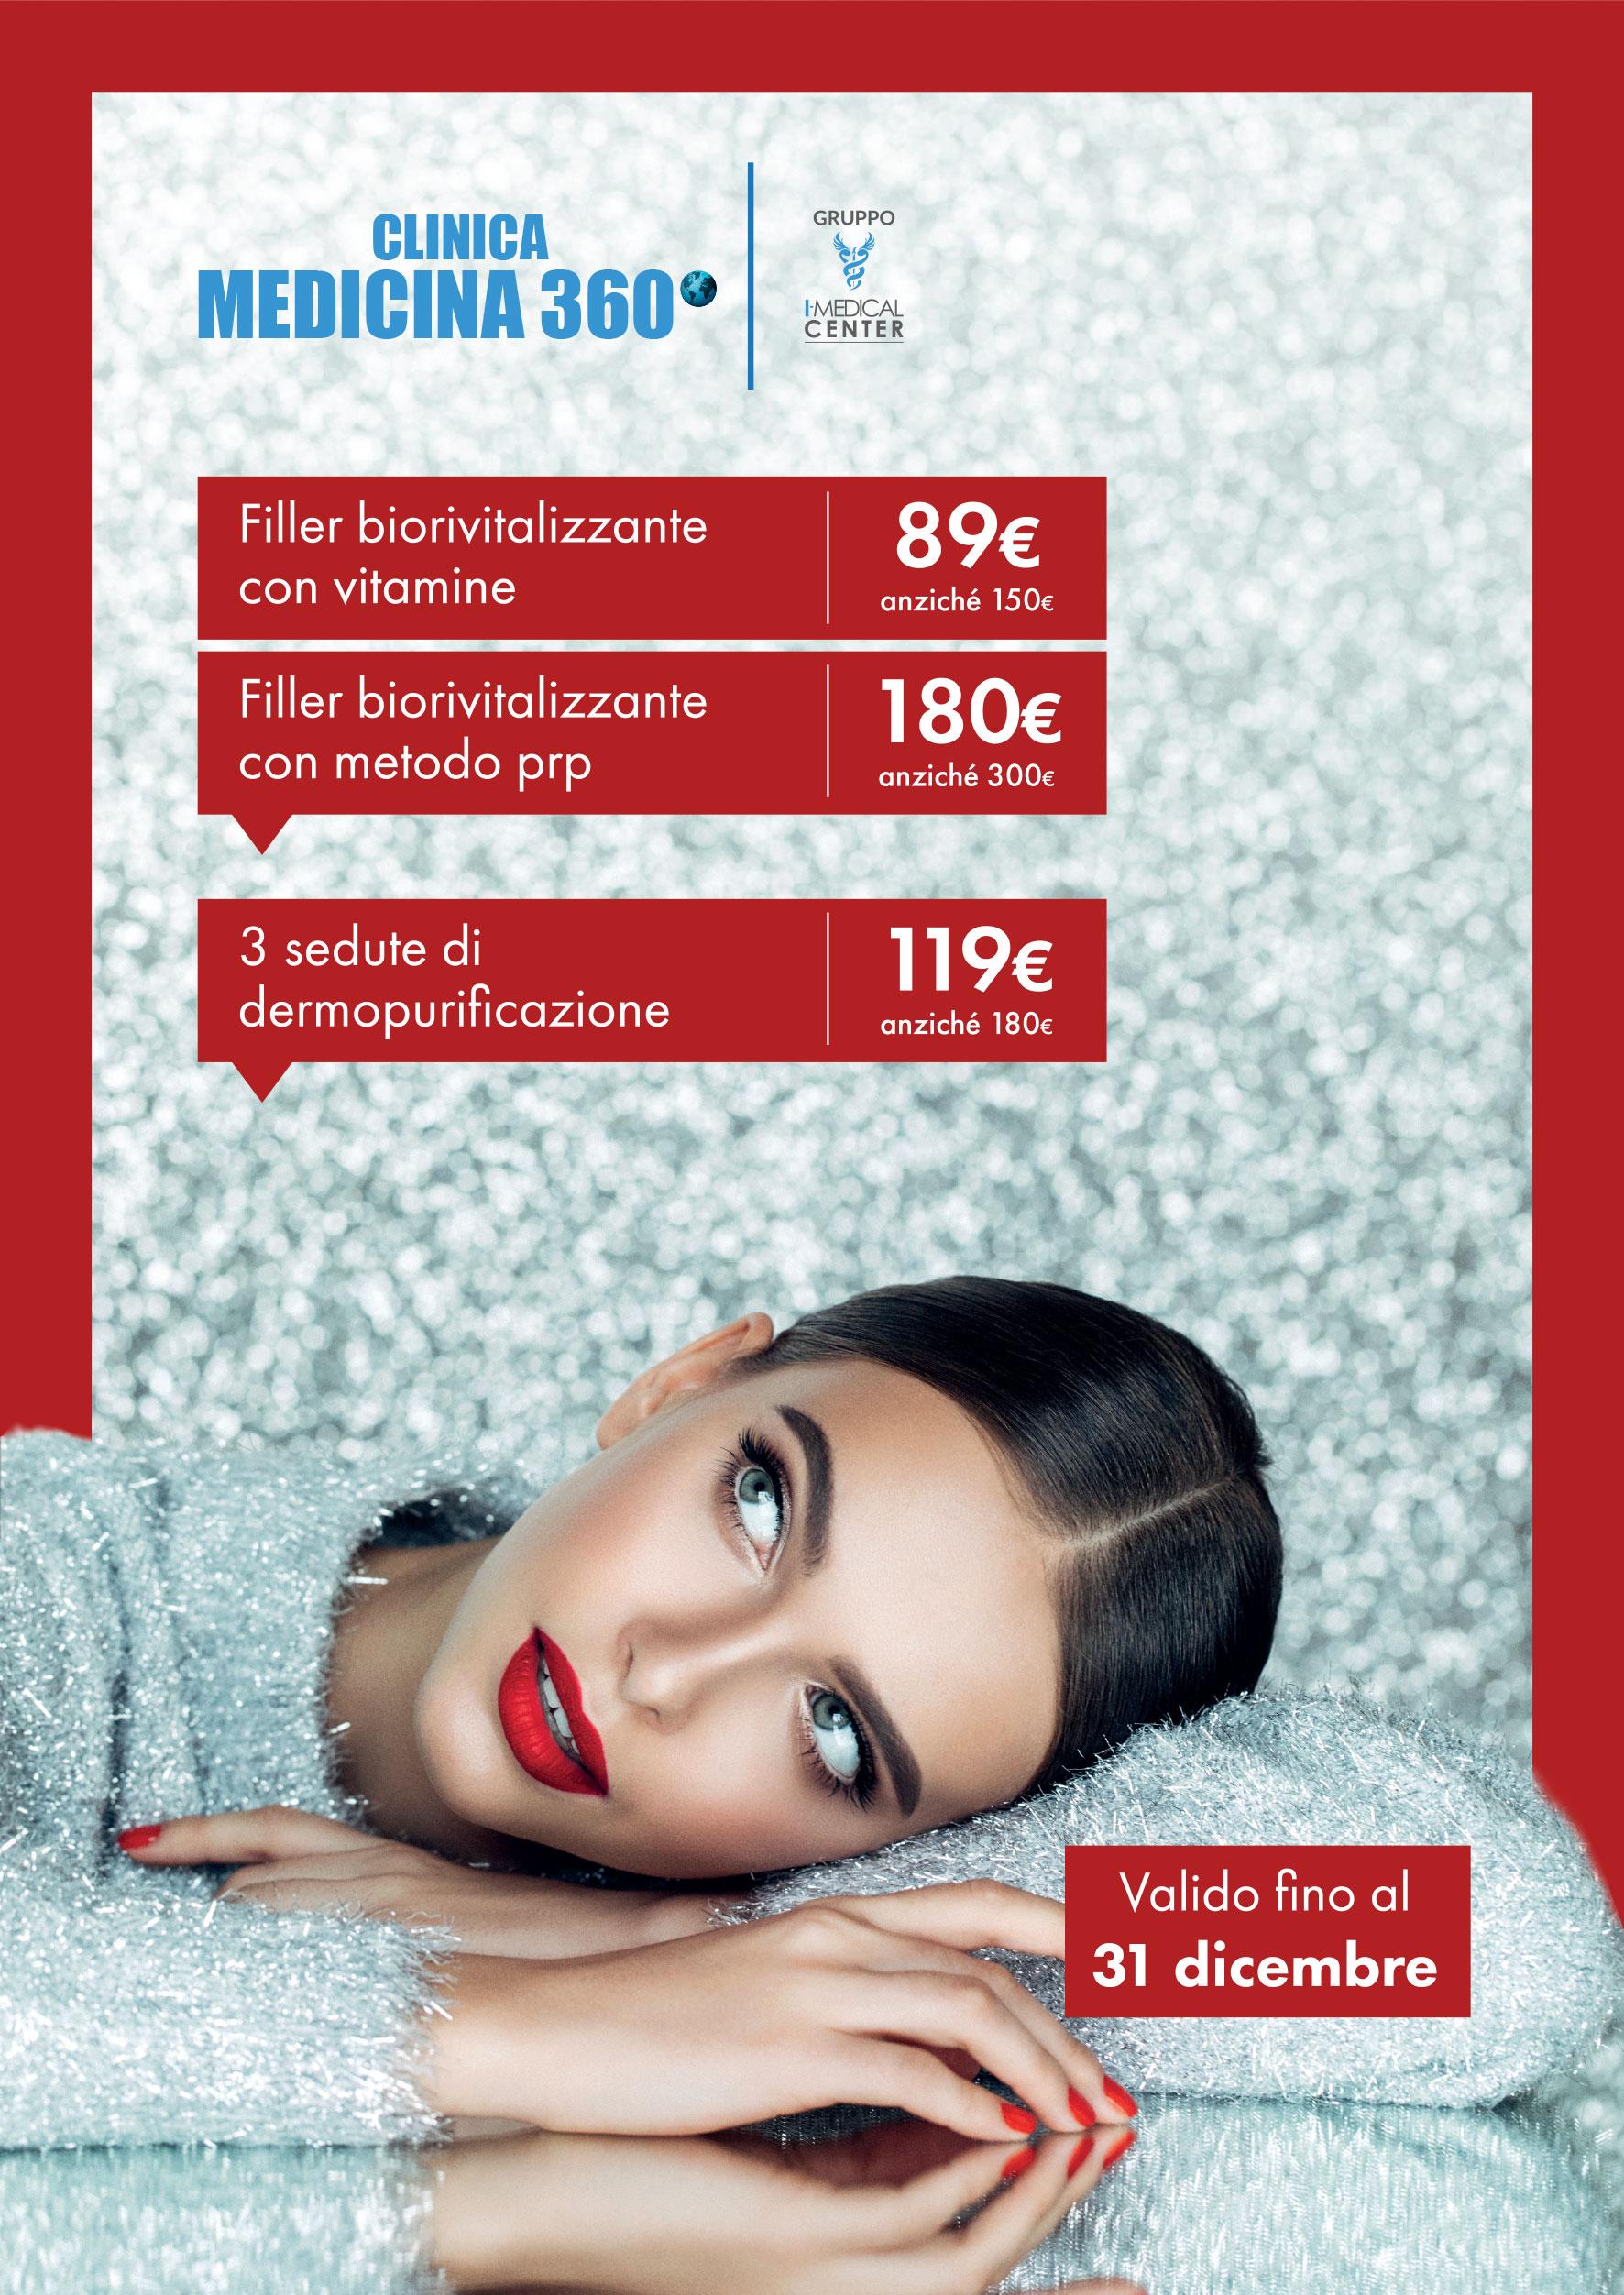 Medicina360 promo estetica dicembre